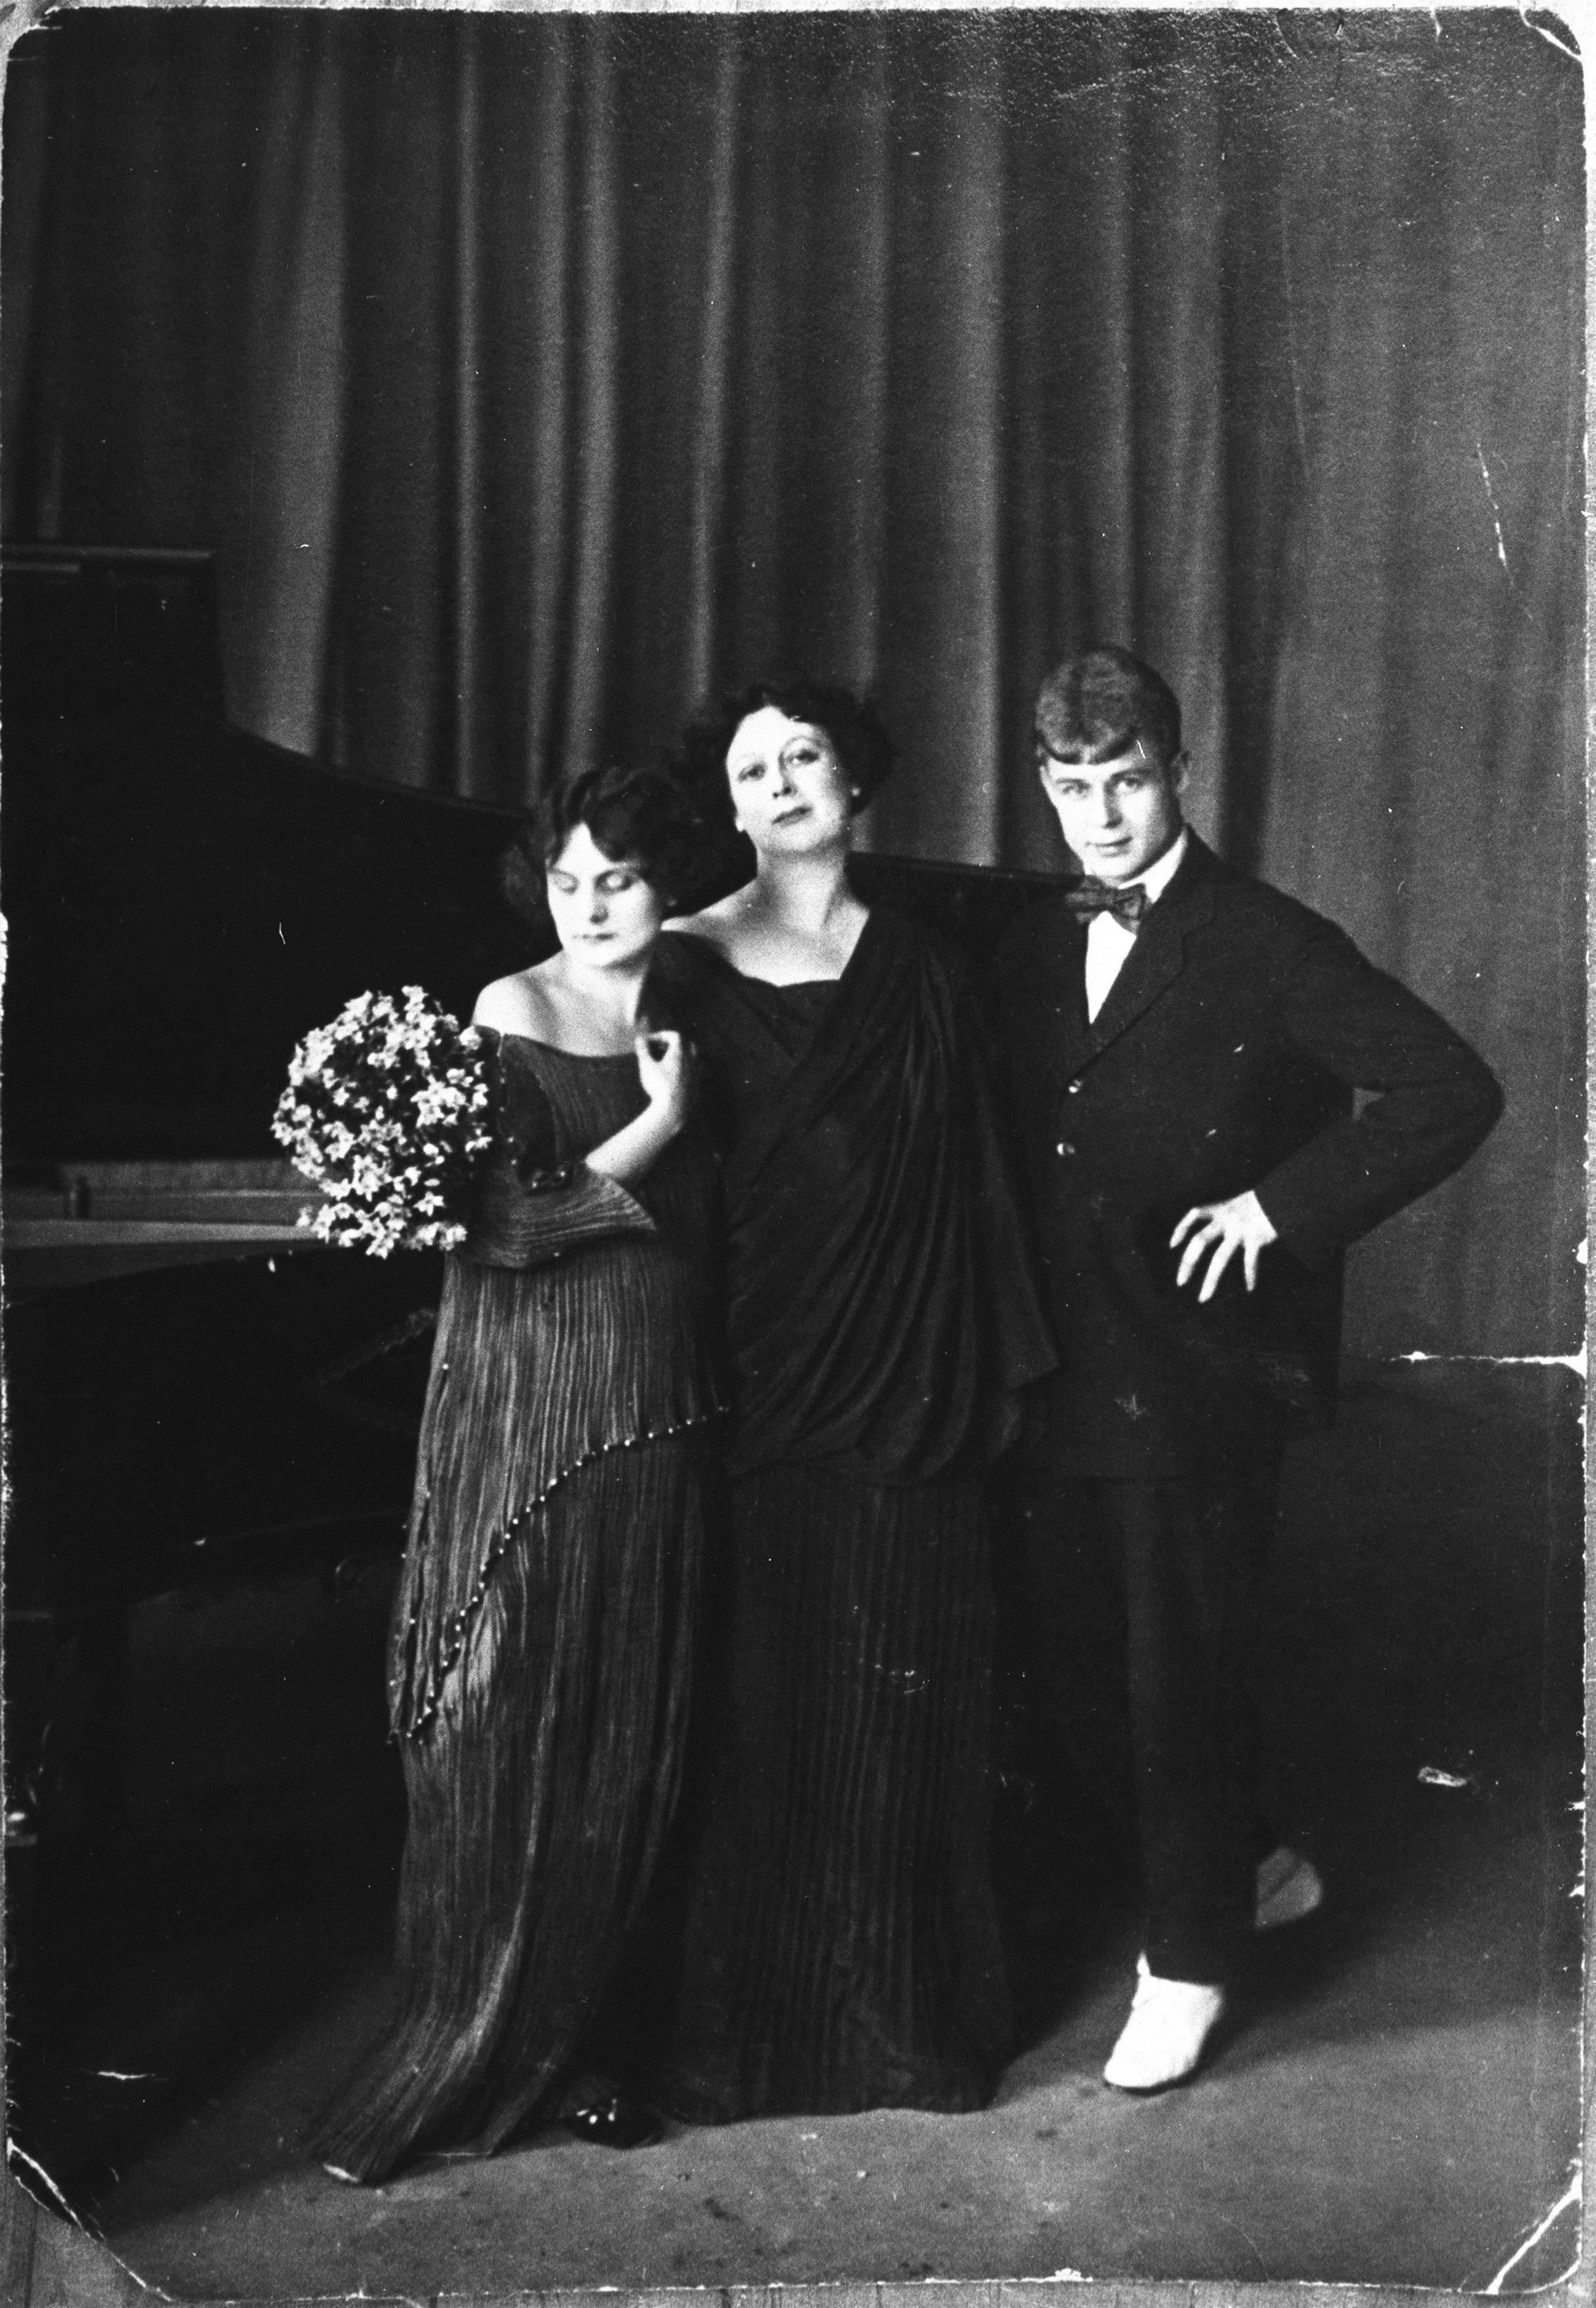 Сергей Есенин с Айседорой Дункан и её приемной дочерью Ирмой. 1922.